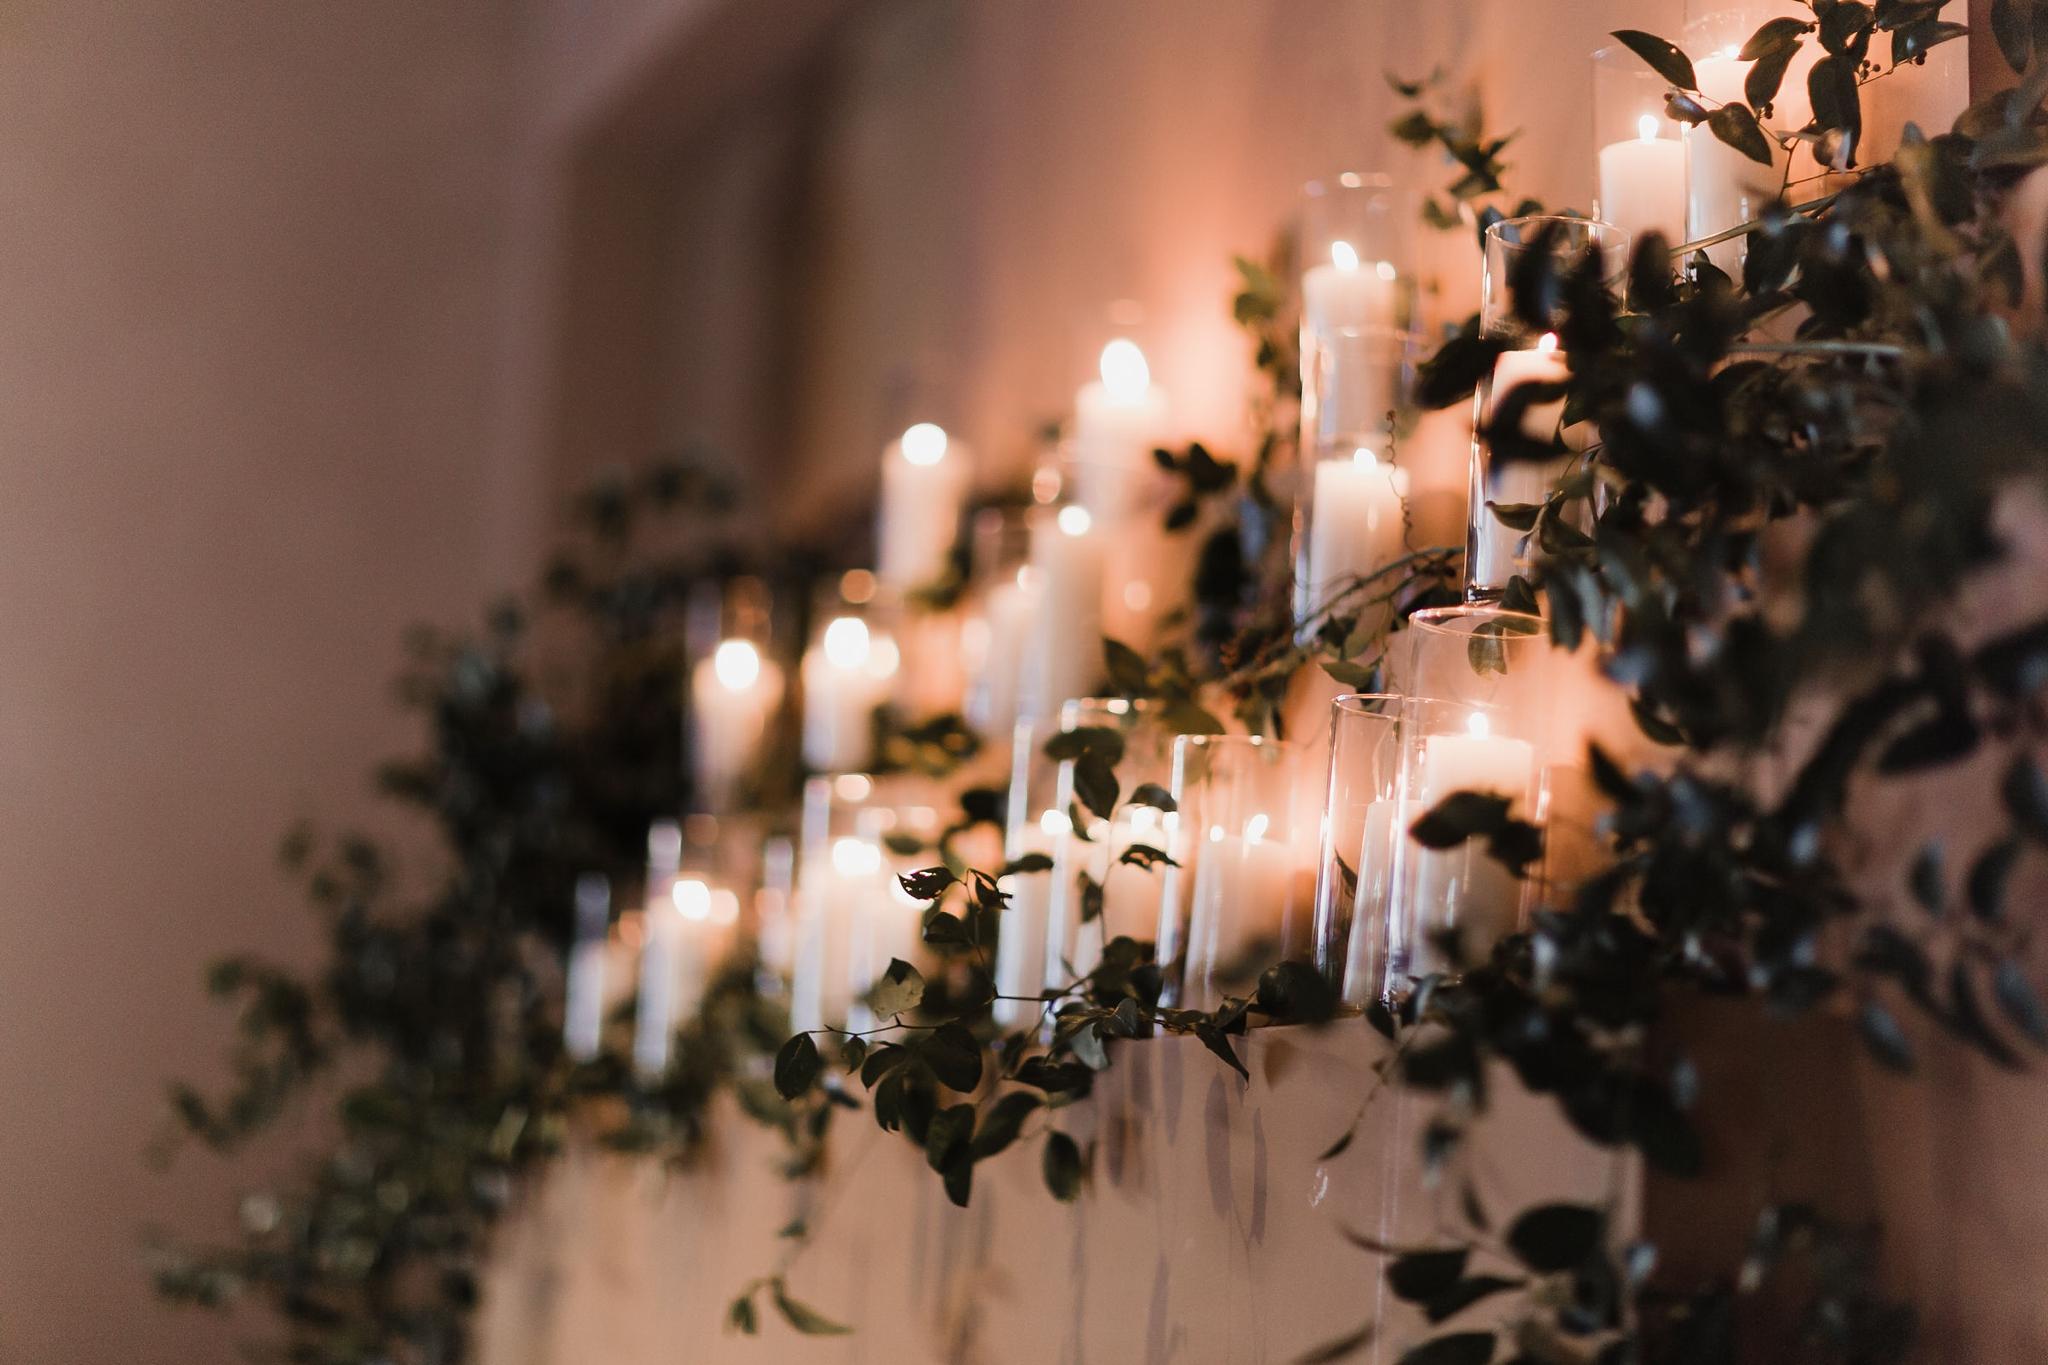 Alicia+lucia+photography+-+albuquerque+wedding+photographer+-+santa+fe+wedding+photography+-+new+mexico+wedding+photographer+-+new+mexico+wedding+-+santa+fe+wedding+-+four+seasons+wedding+-+winter+wedding_0122.jpg